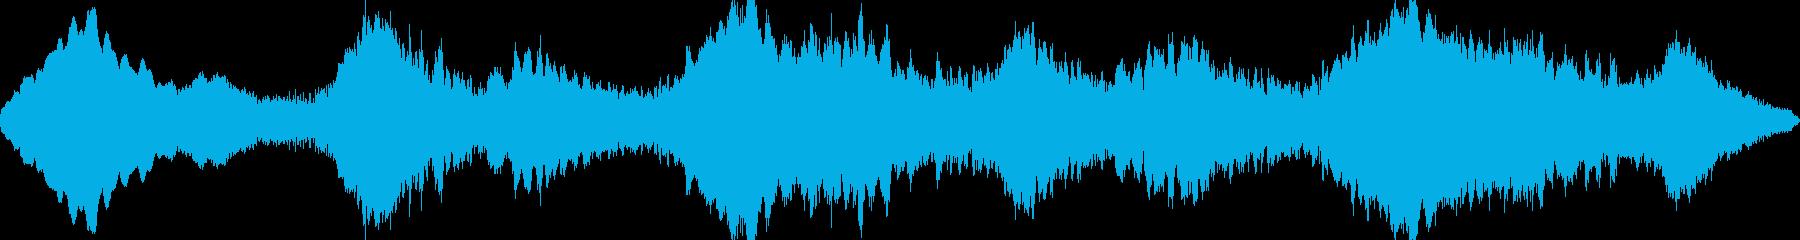 残響が印象的なギターアンビエントの再生済みの波形